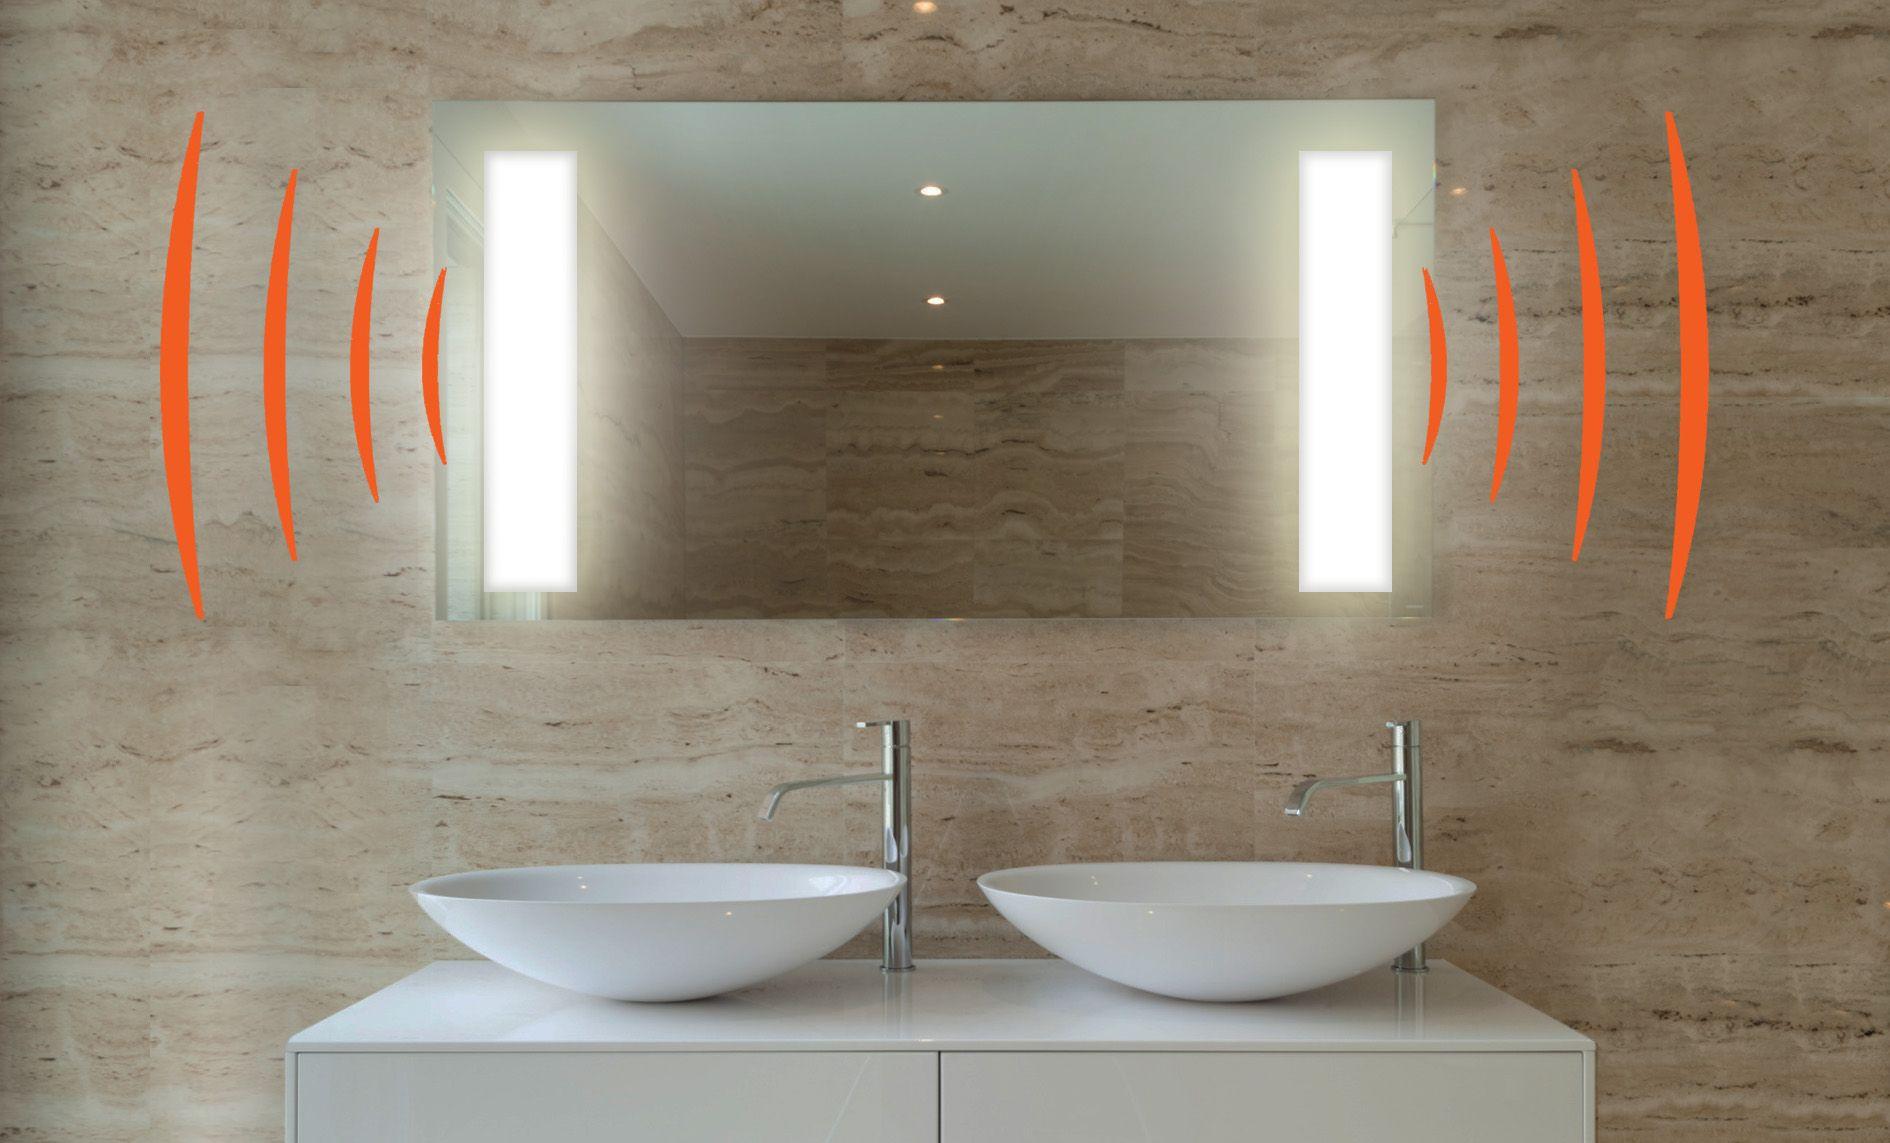 Infrarotheizung Led Als Spiegelheizung Fur Ihr Badezimmer Mit Bildern Spiegelheizung Zimmer Infrarotheizung